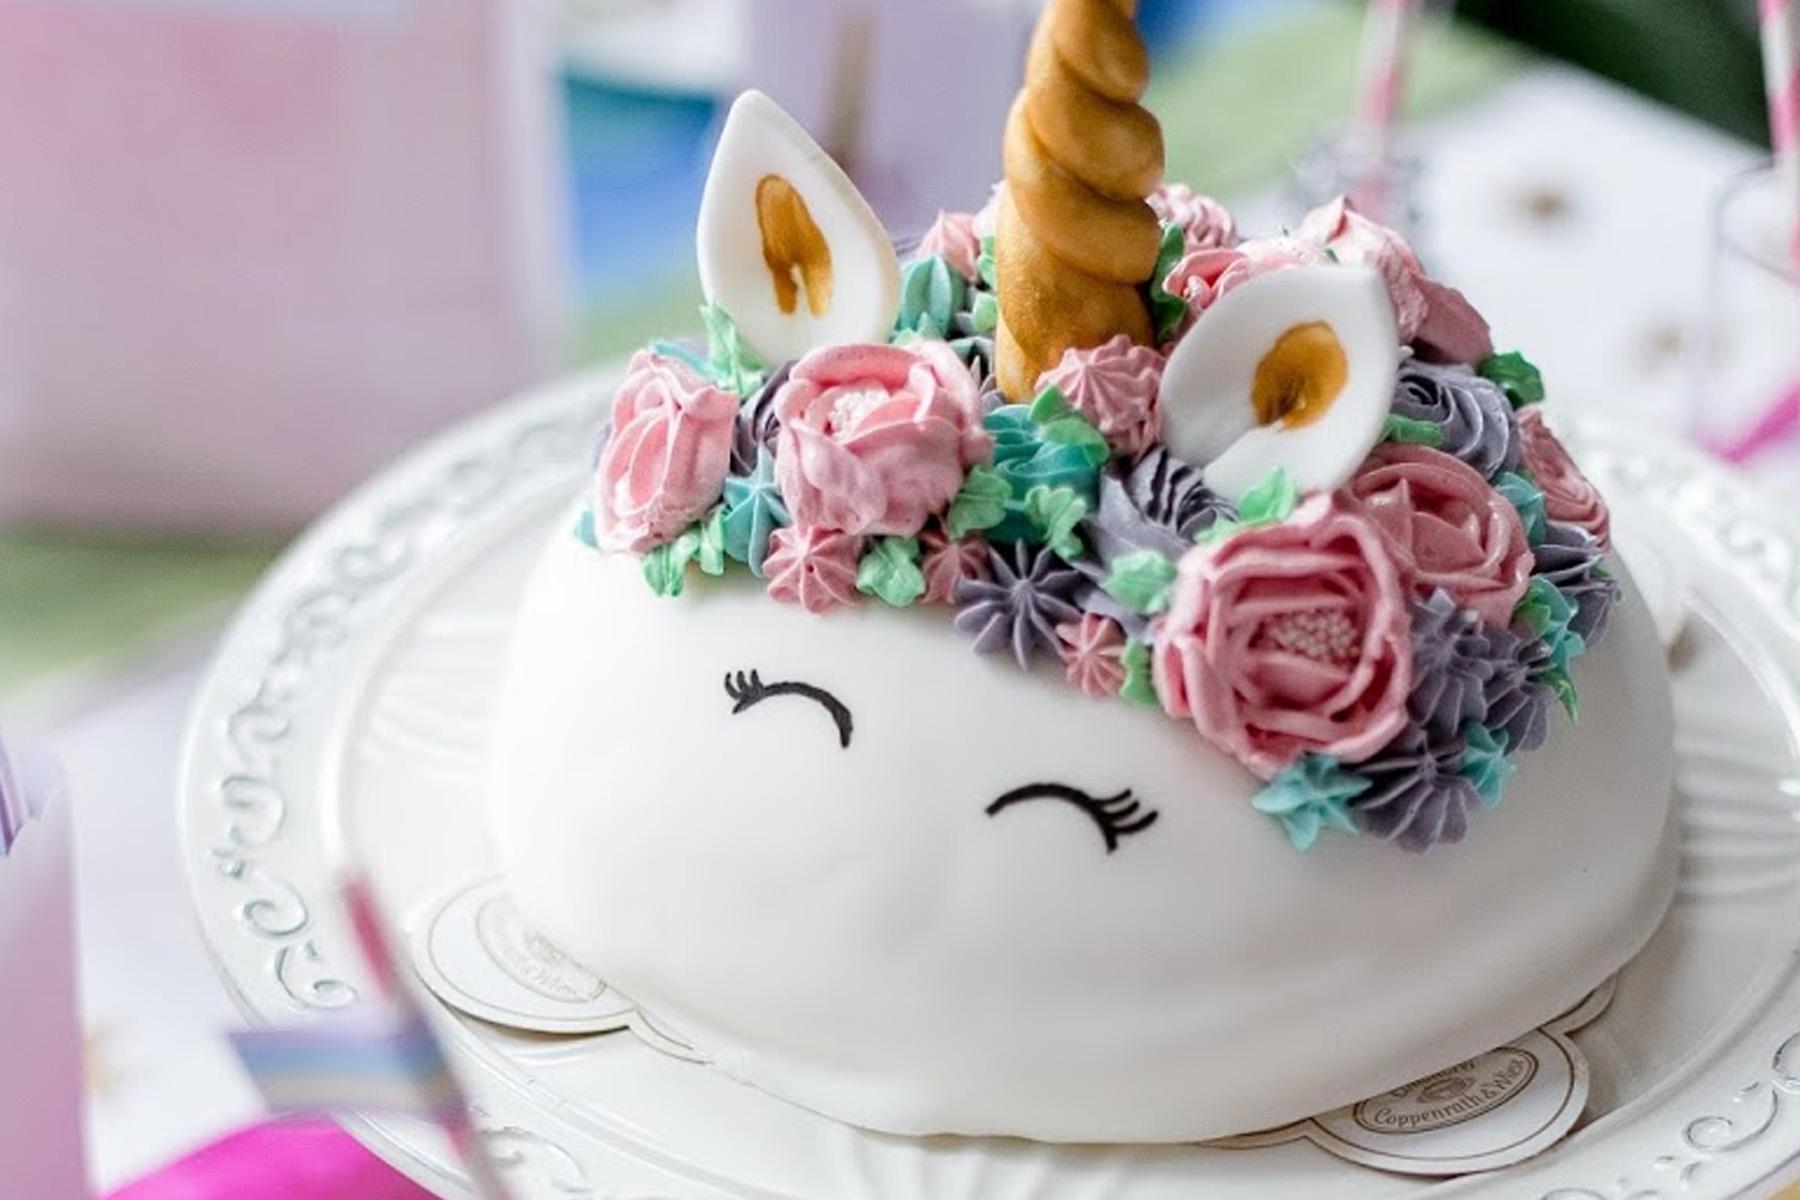 Cake Design 5 libri da leggere per imparare a fare torte